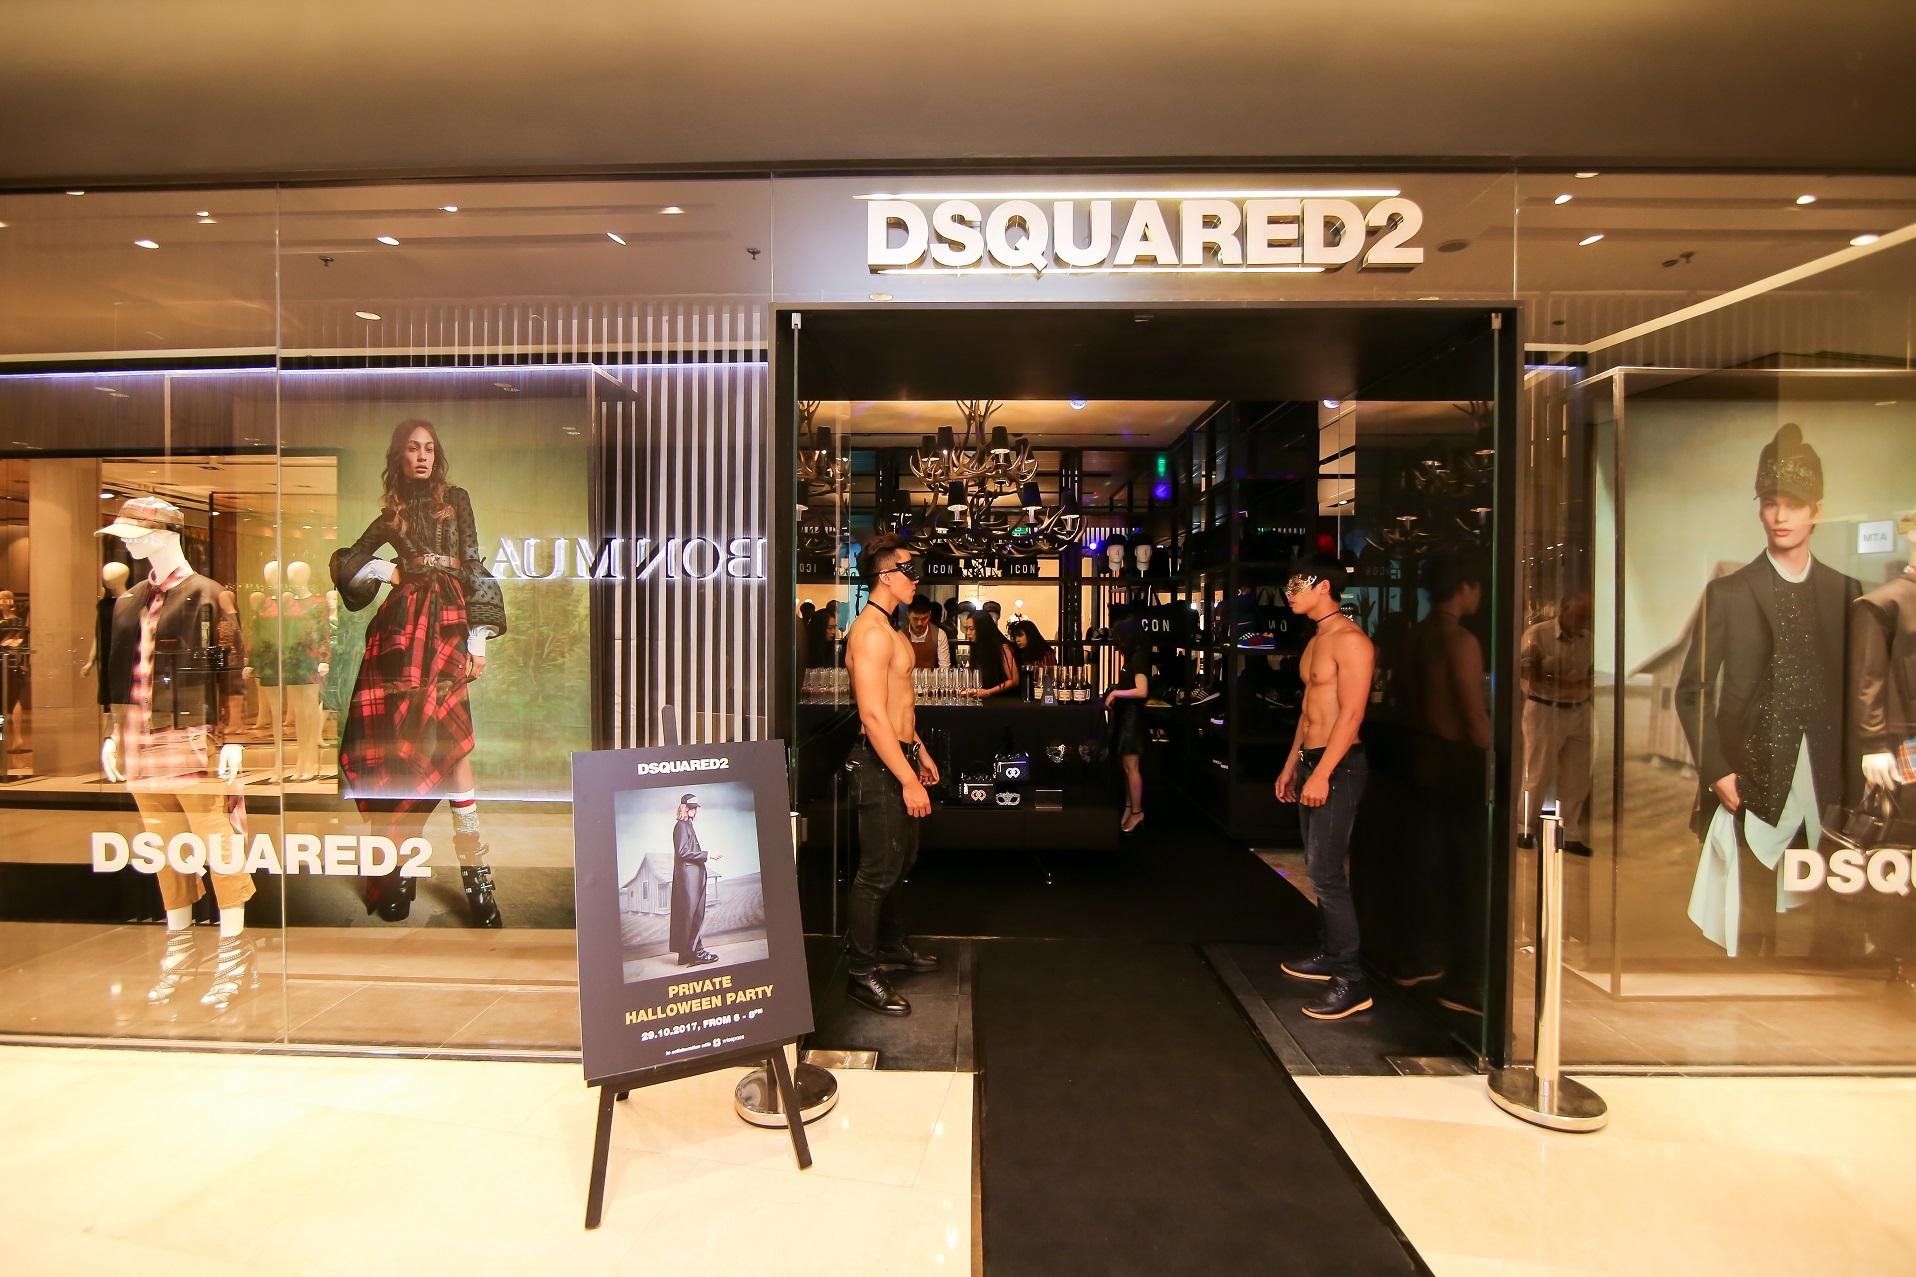 Dsquared2 tổ chức tiệc Halloween ấn tượng tại cửa hàng Saigon Centre